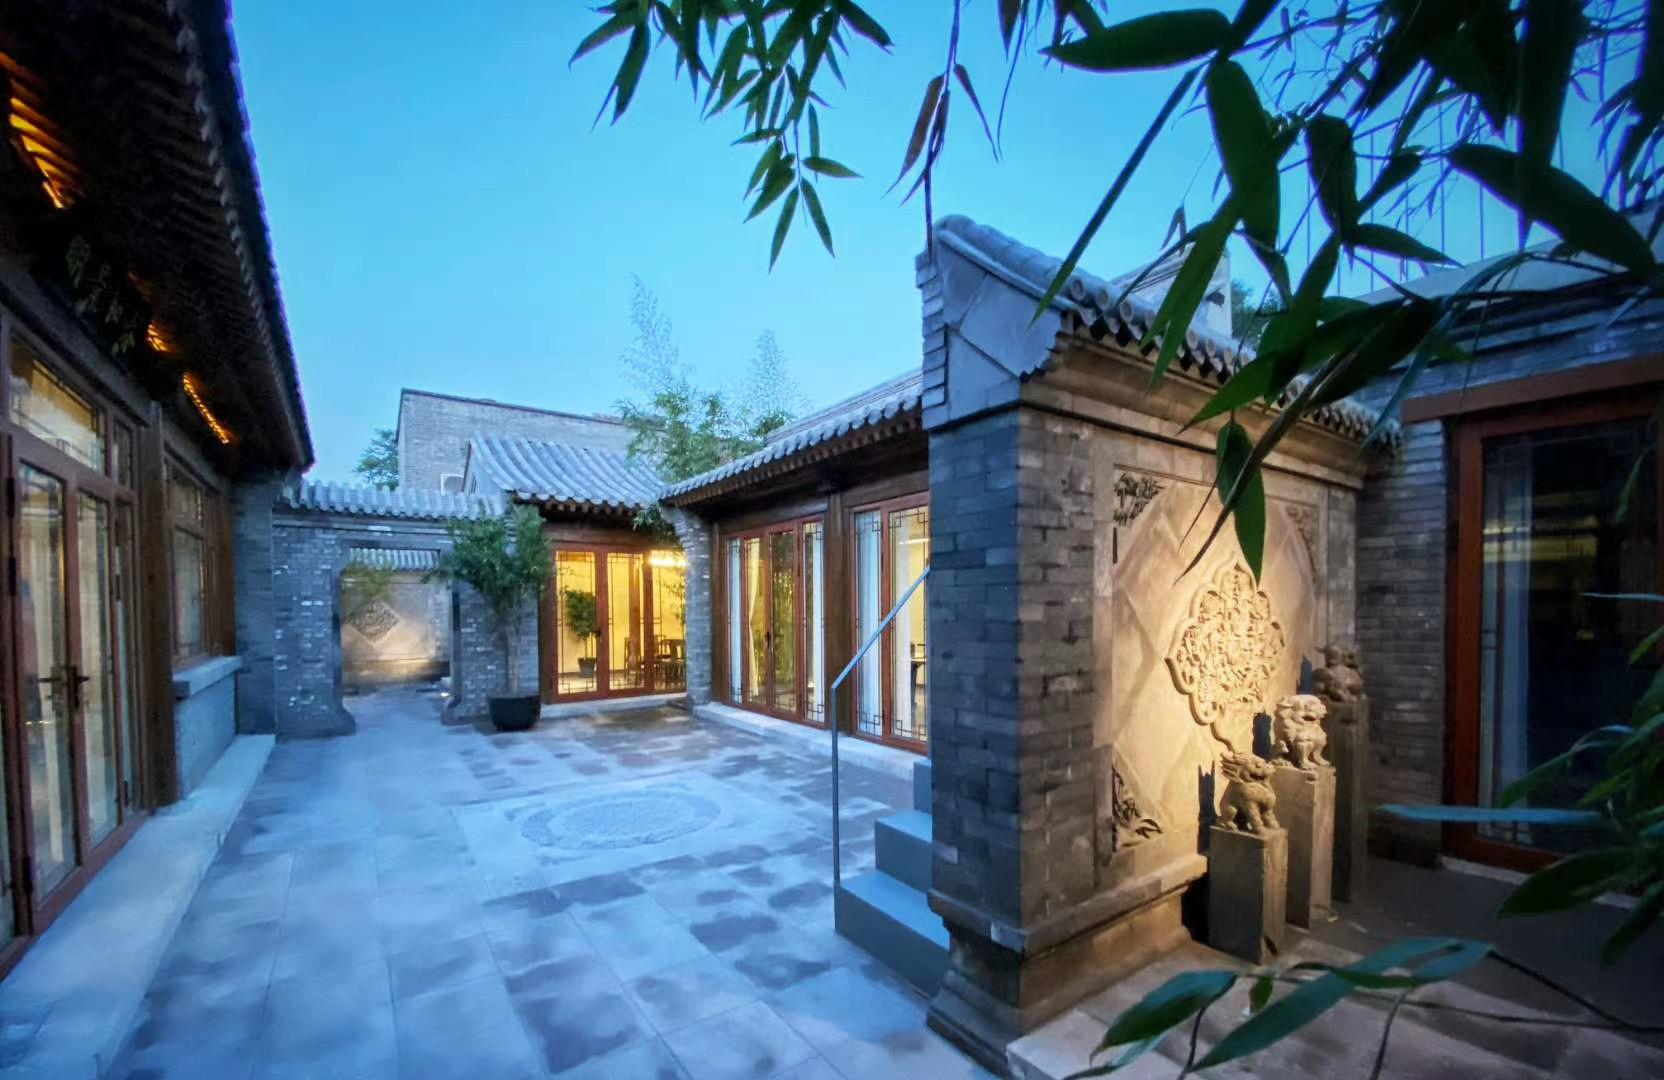 改革开放以来中国城镇如何解决住房紧张问题 都有哪些成效